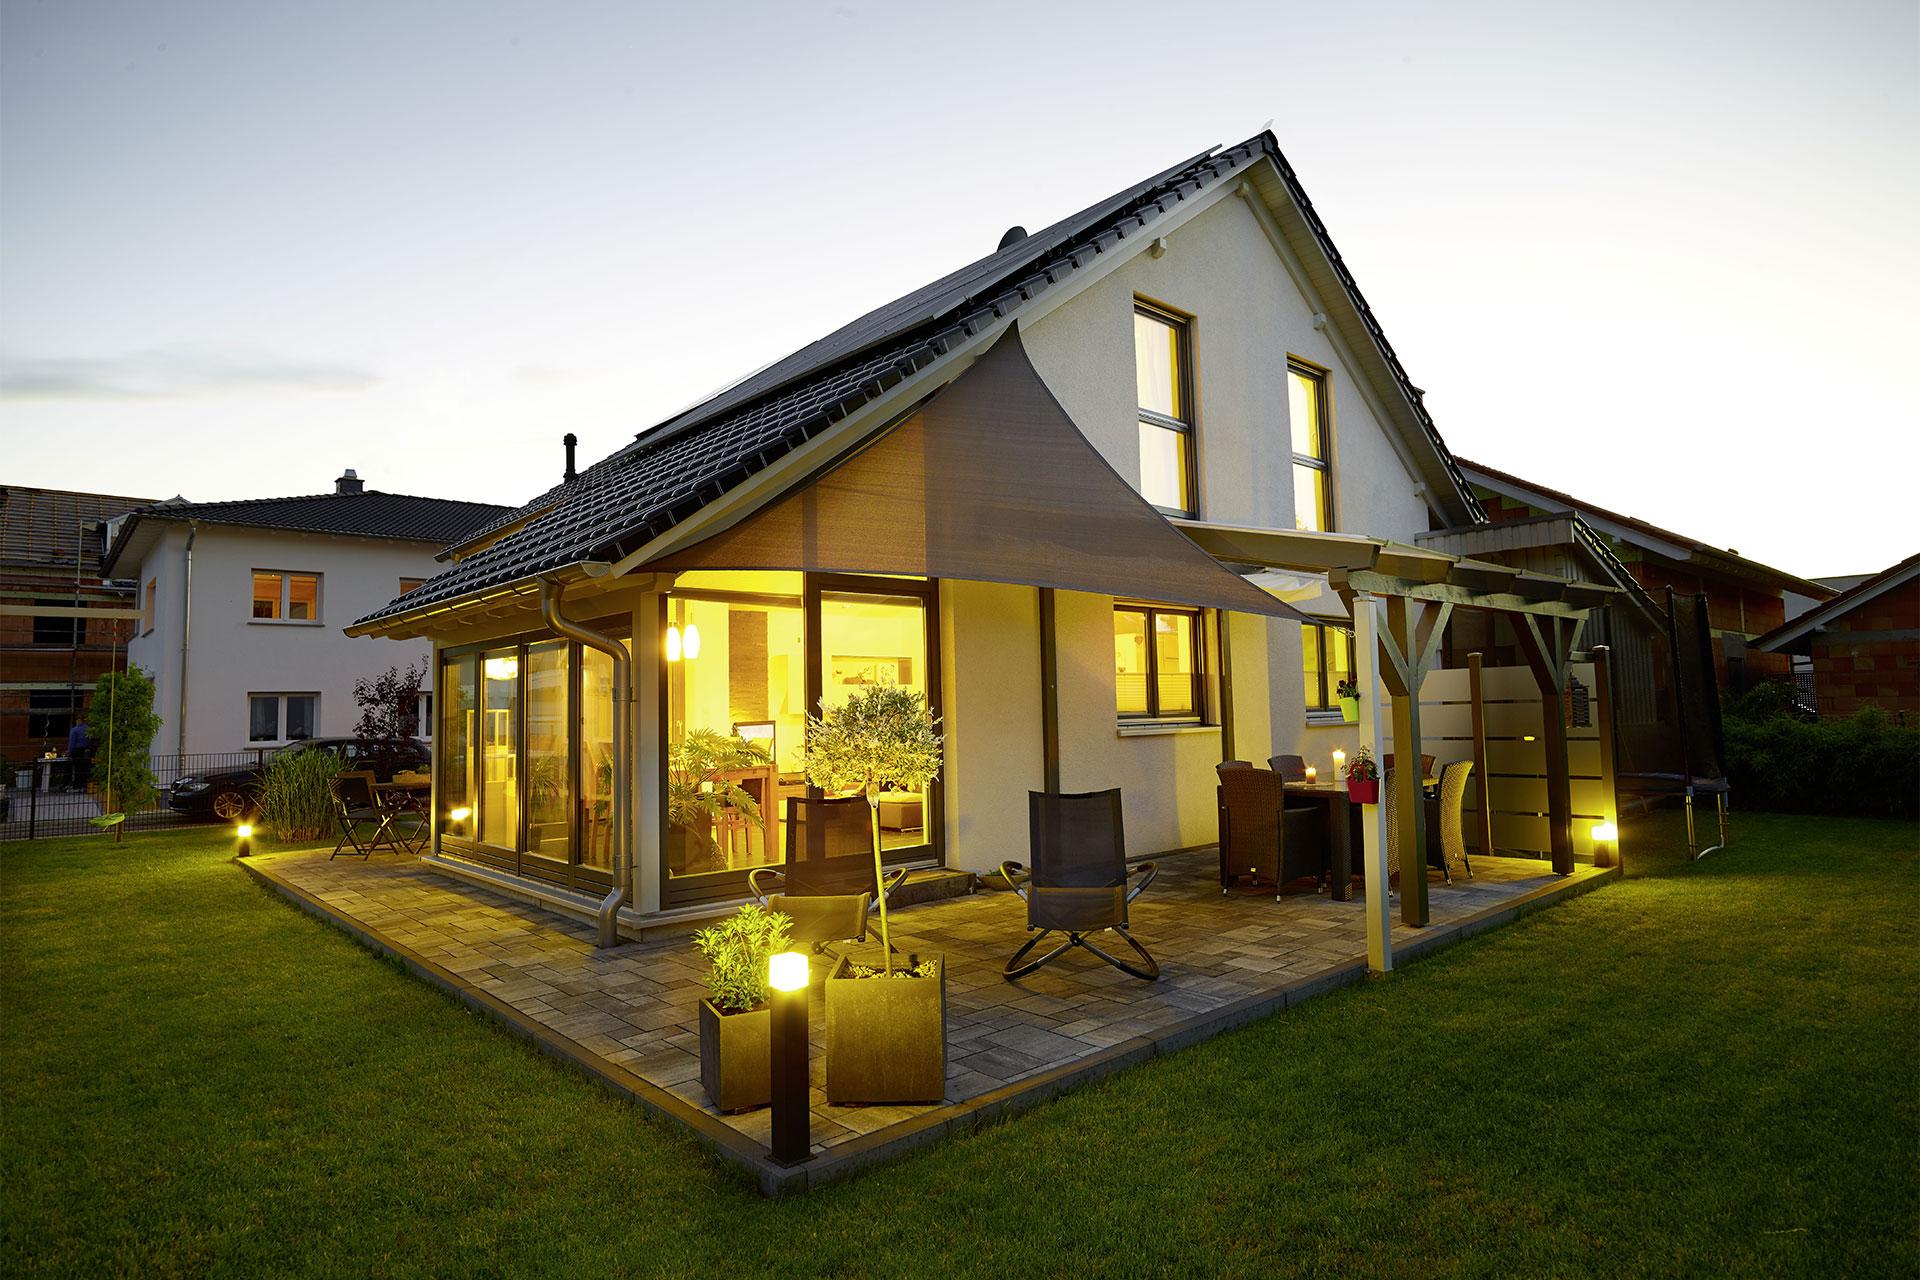 einfamilienhaus mit wintergarten ma geschneidert modell sonnenh gel ein fertighaus von. Black Bedroom Furniture Sets. Home Design Ideas